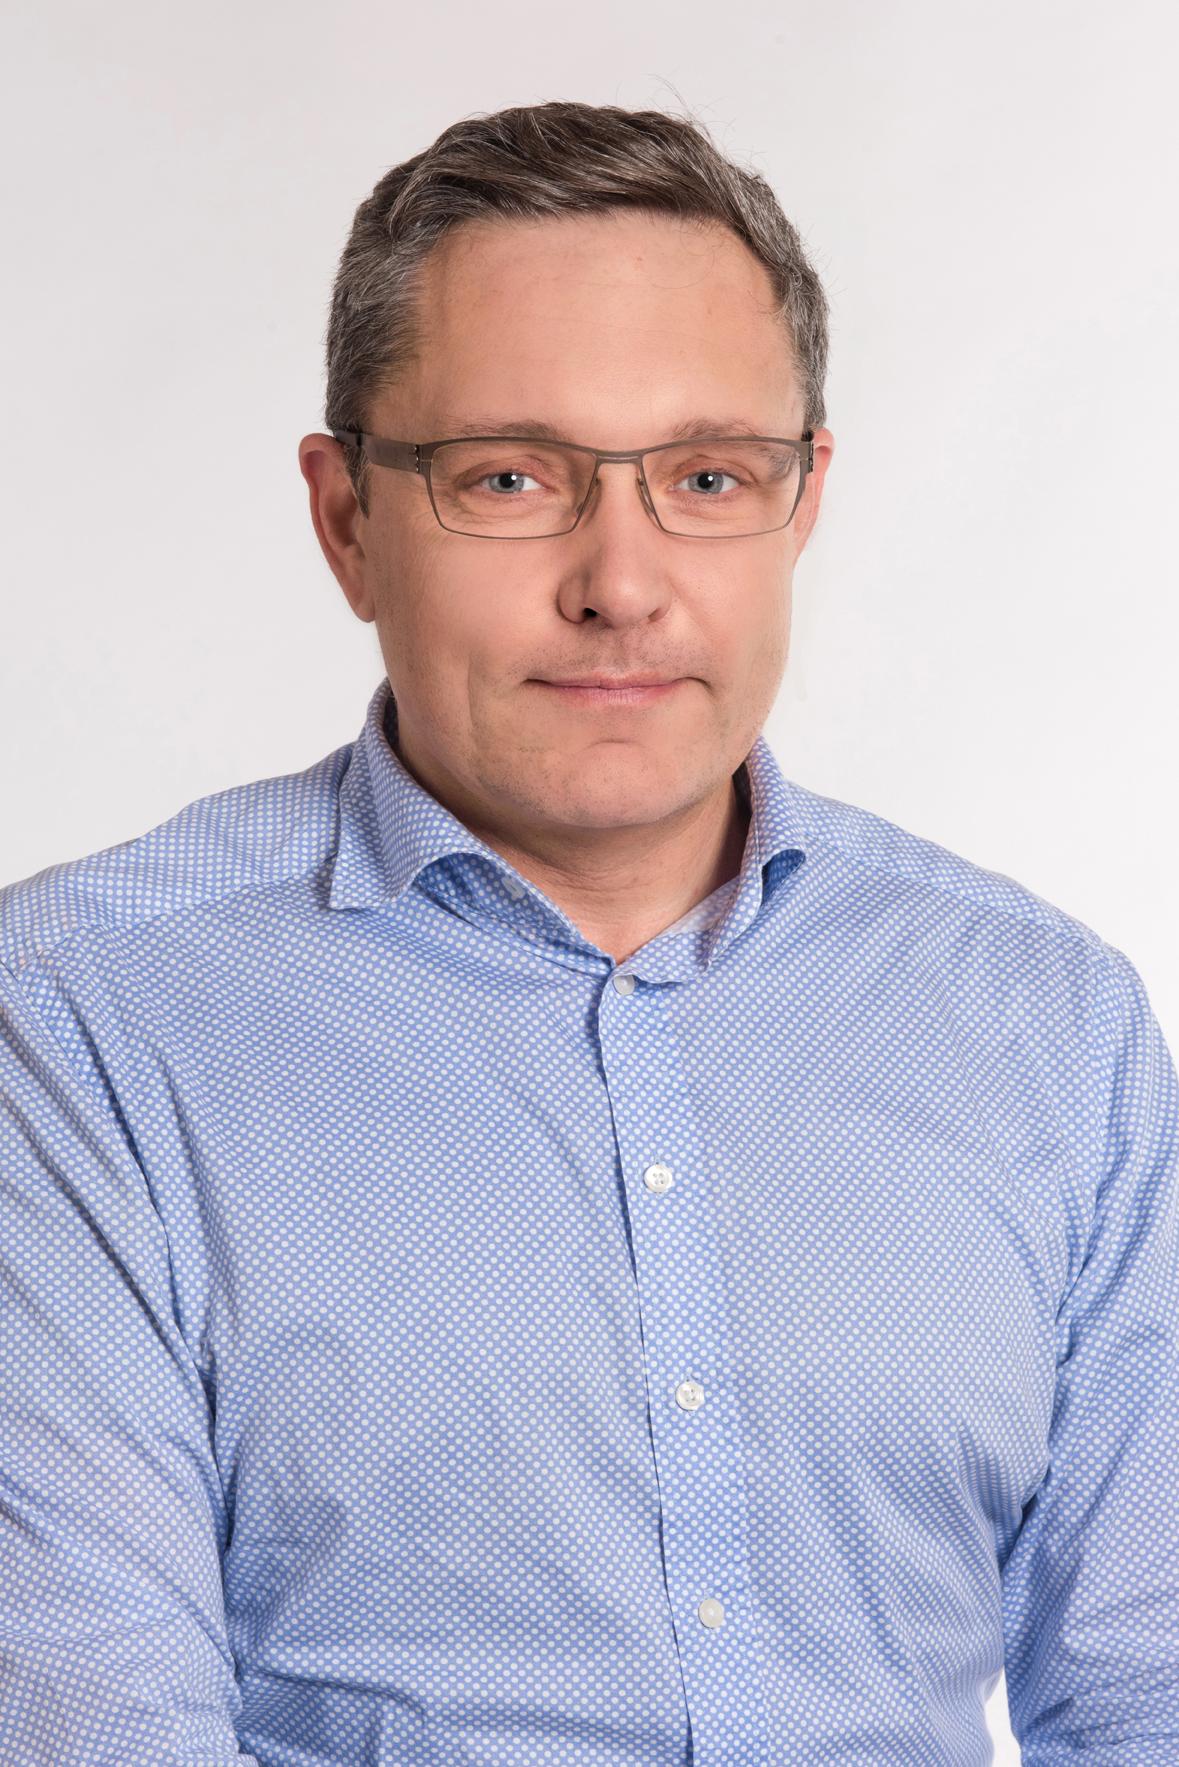 Bernd Breninger